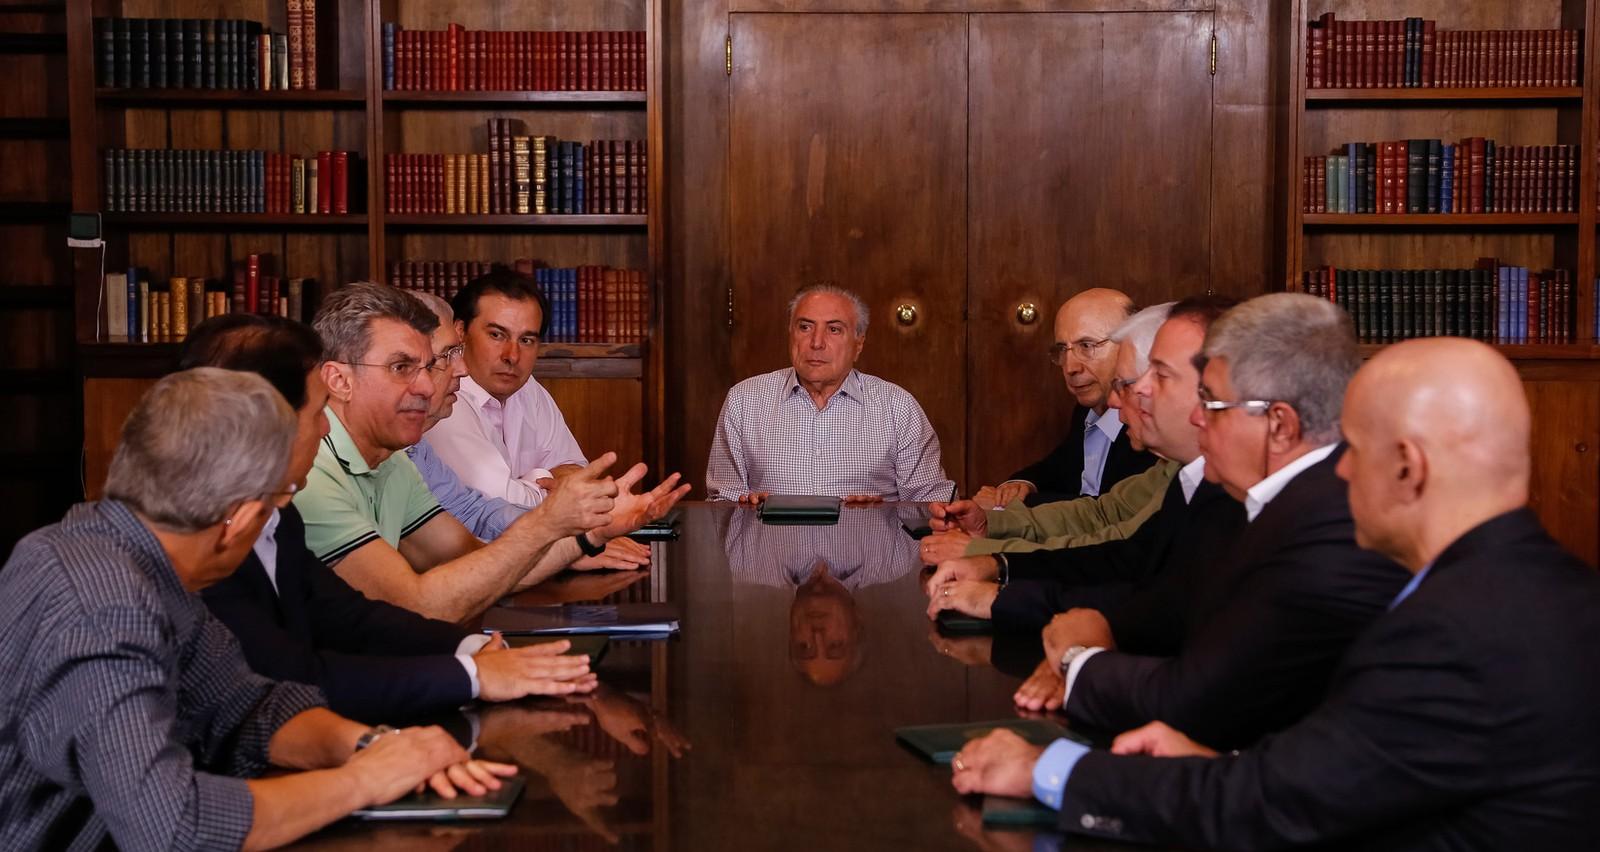 Temer reúne ministros e parlamentares para discutir reforma da Previdência na noite de domingo